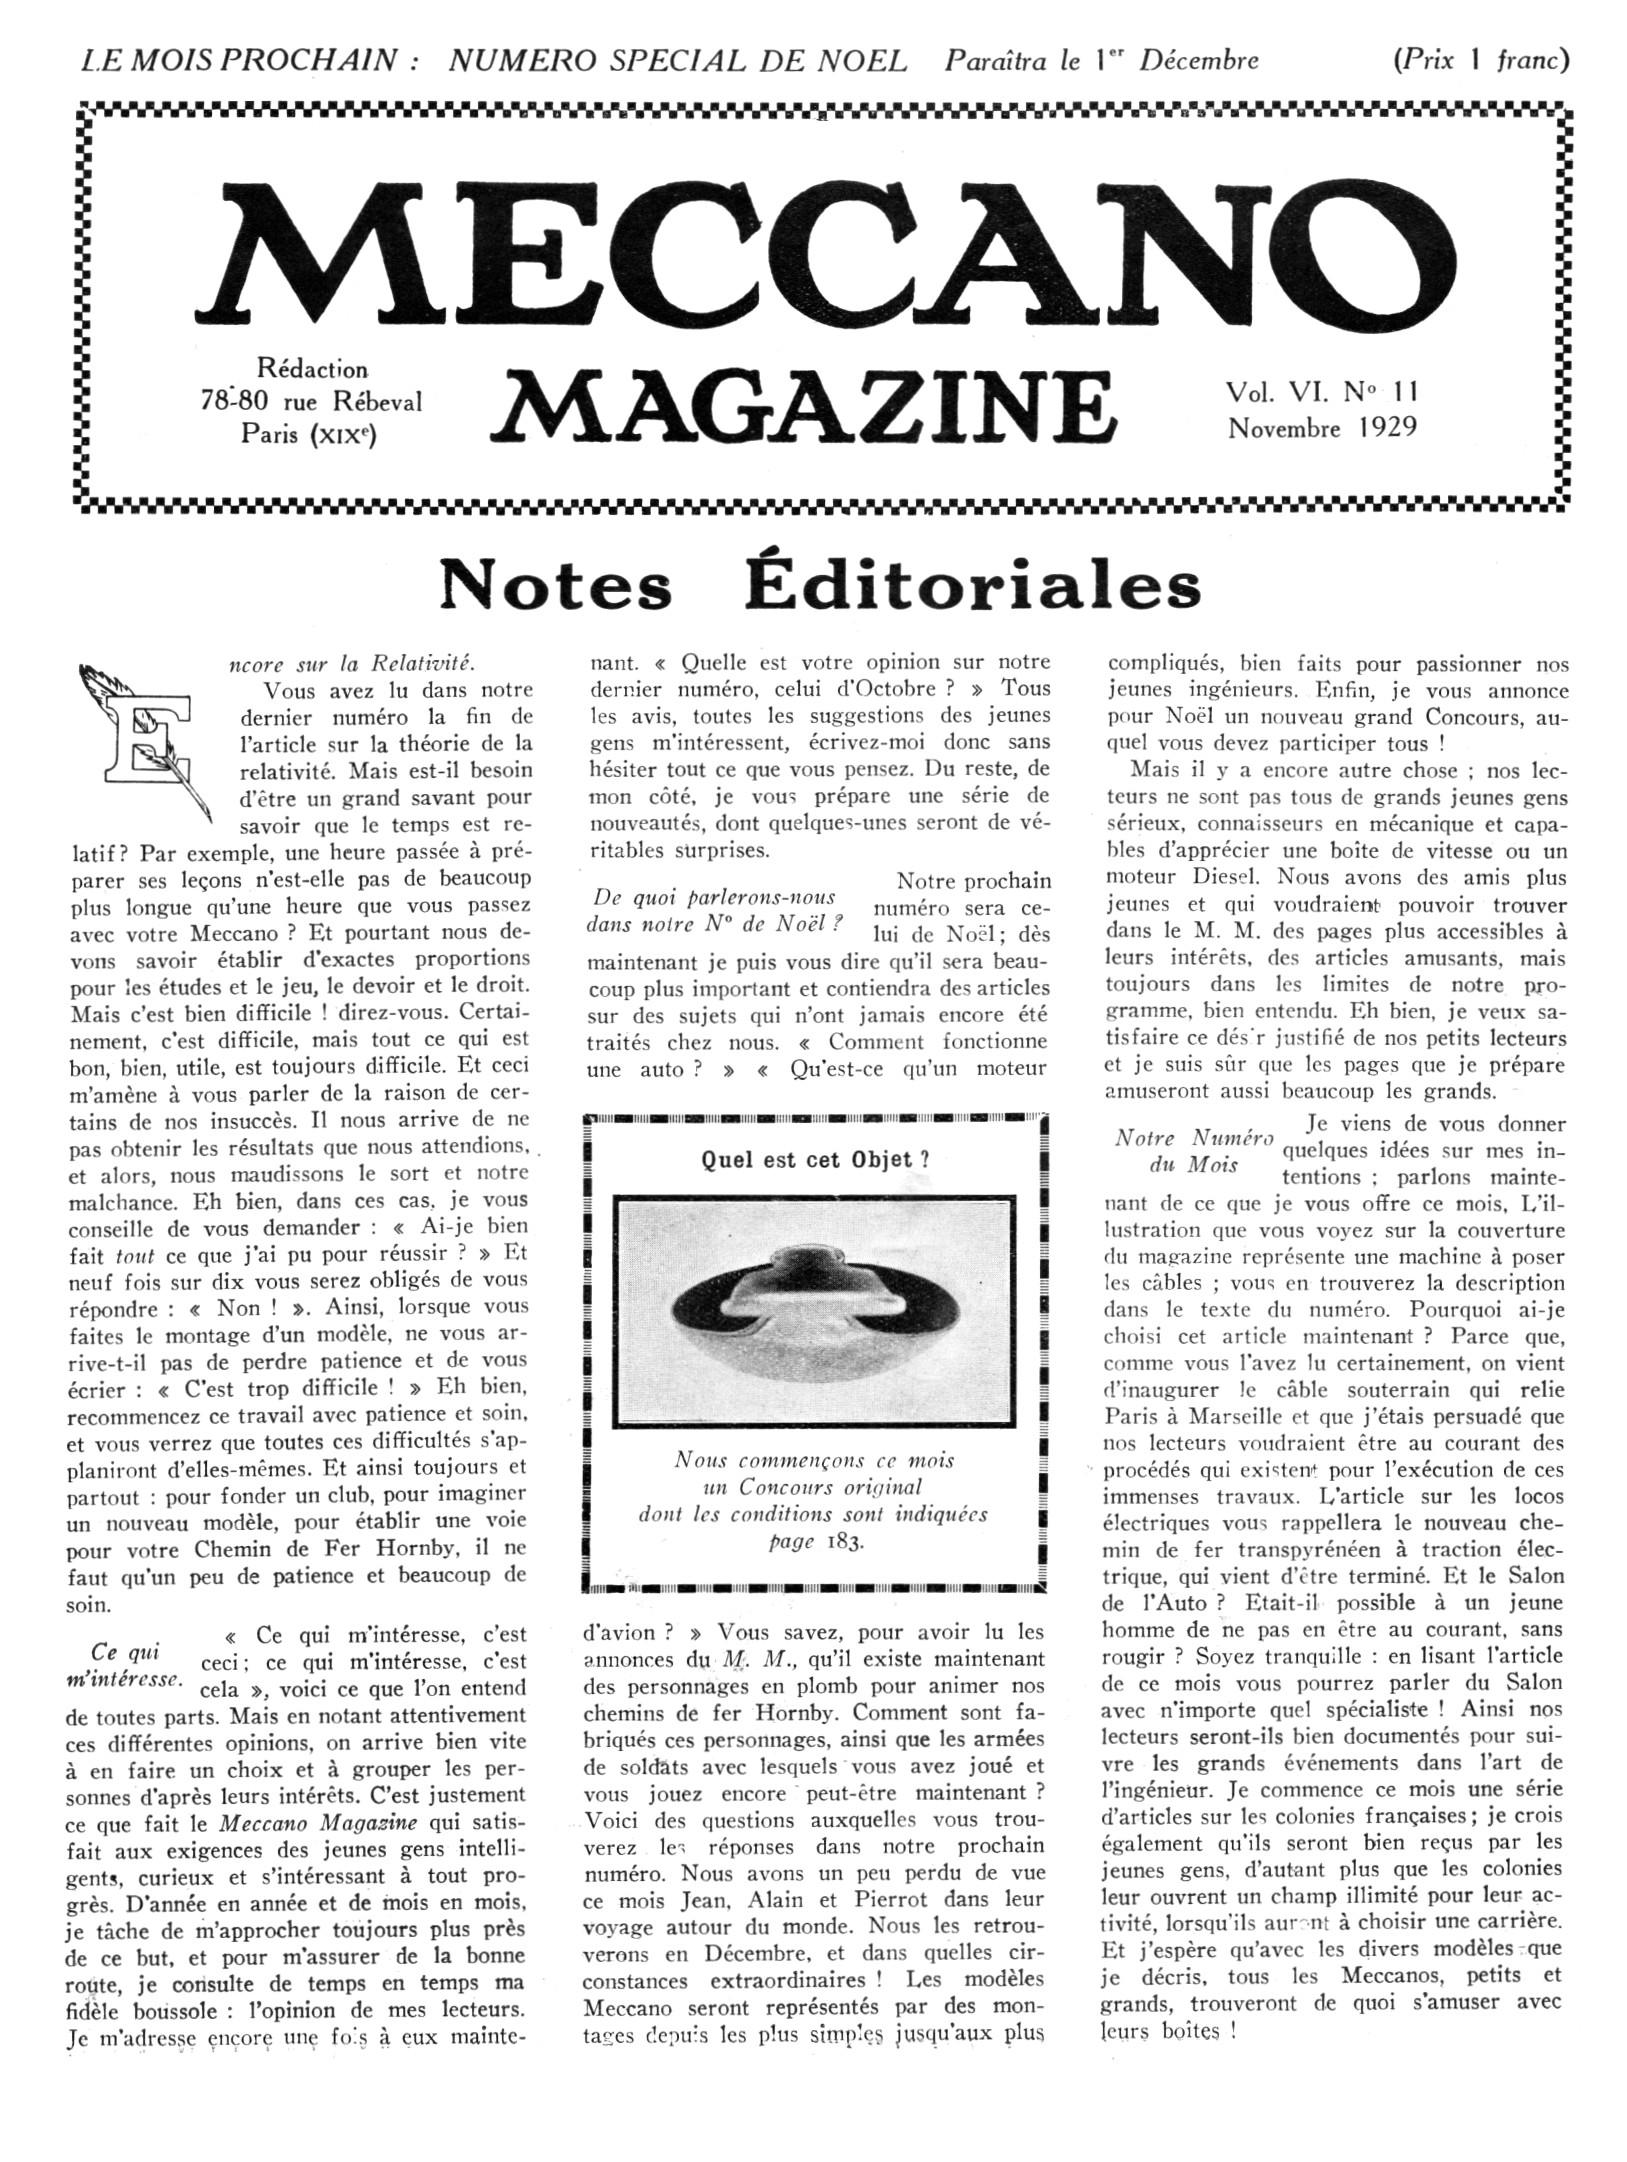 Meccano Magazine Français November 1929 Page 169